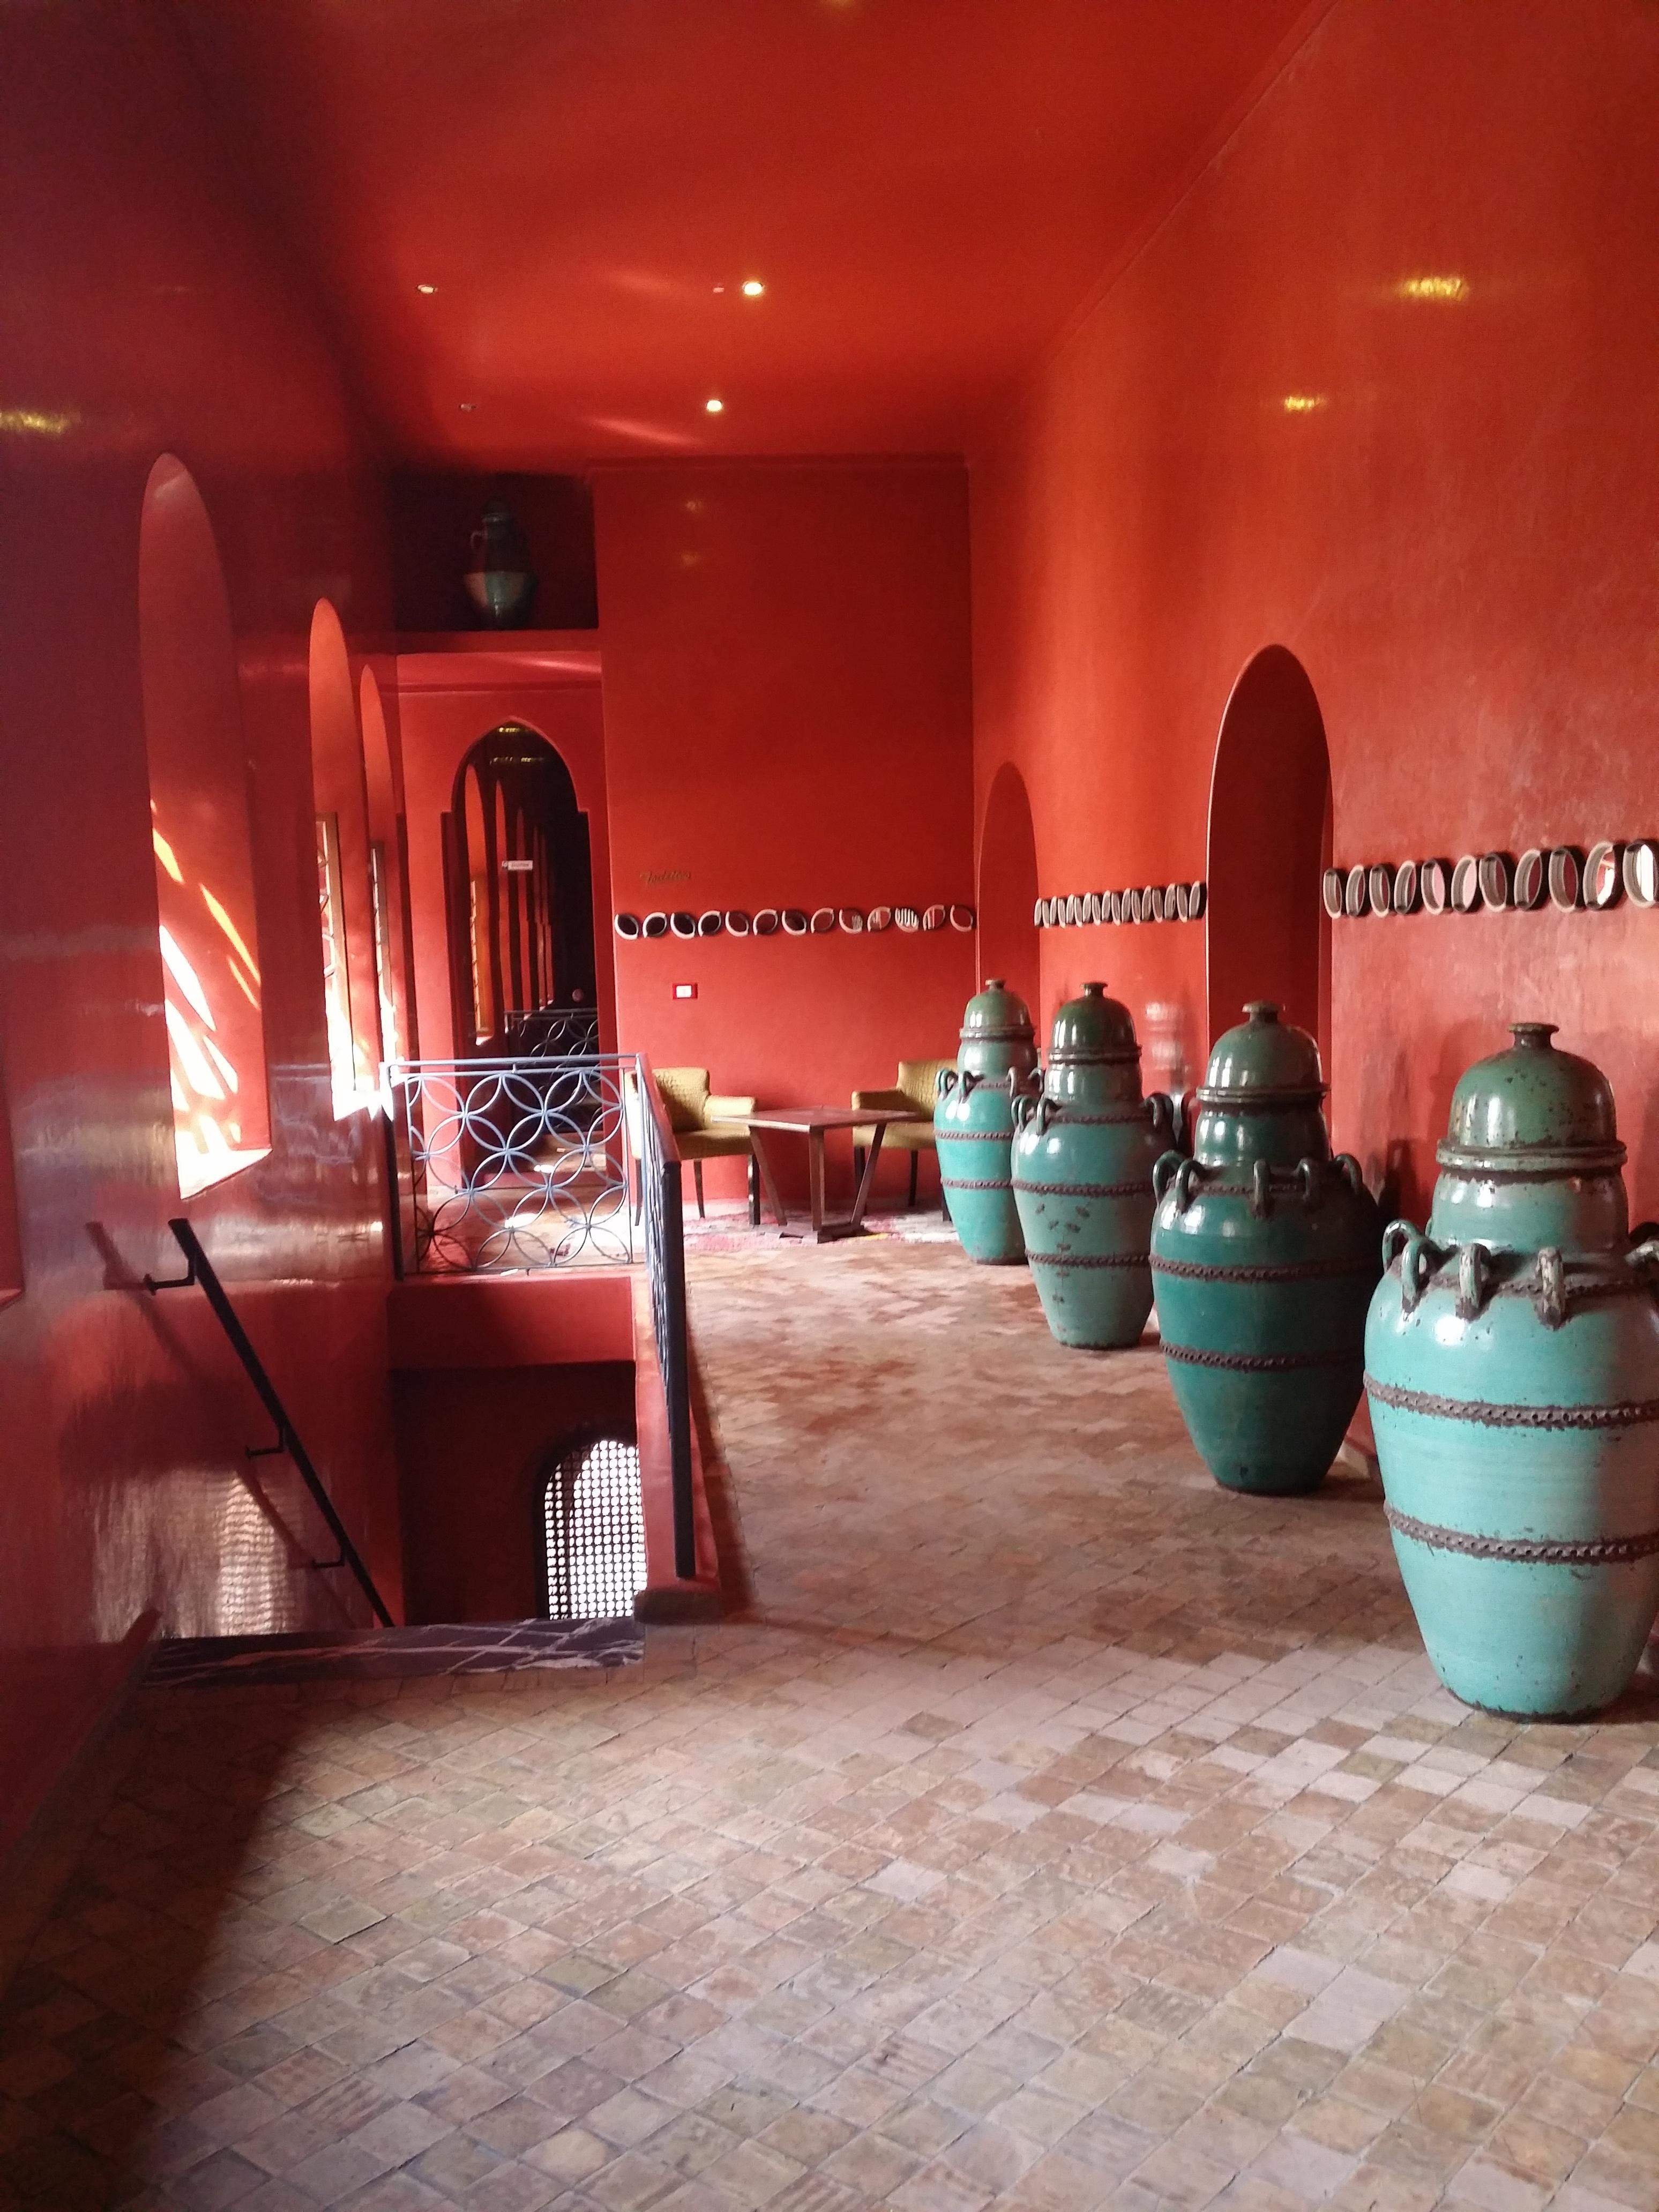 Fotos gratis interior decoraci n rojo color azul for Decoracion de interiores gratis